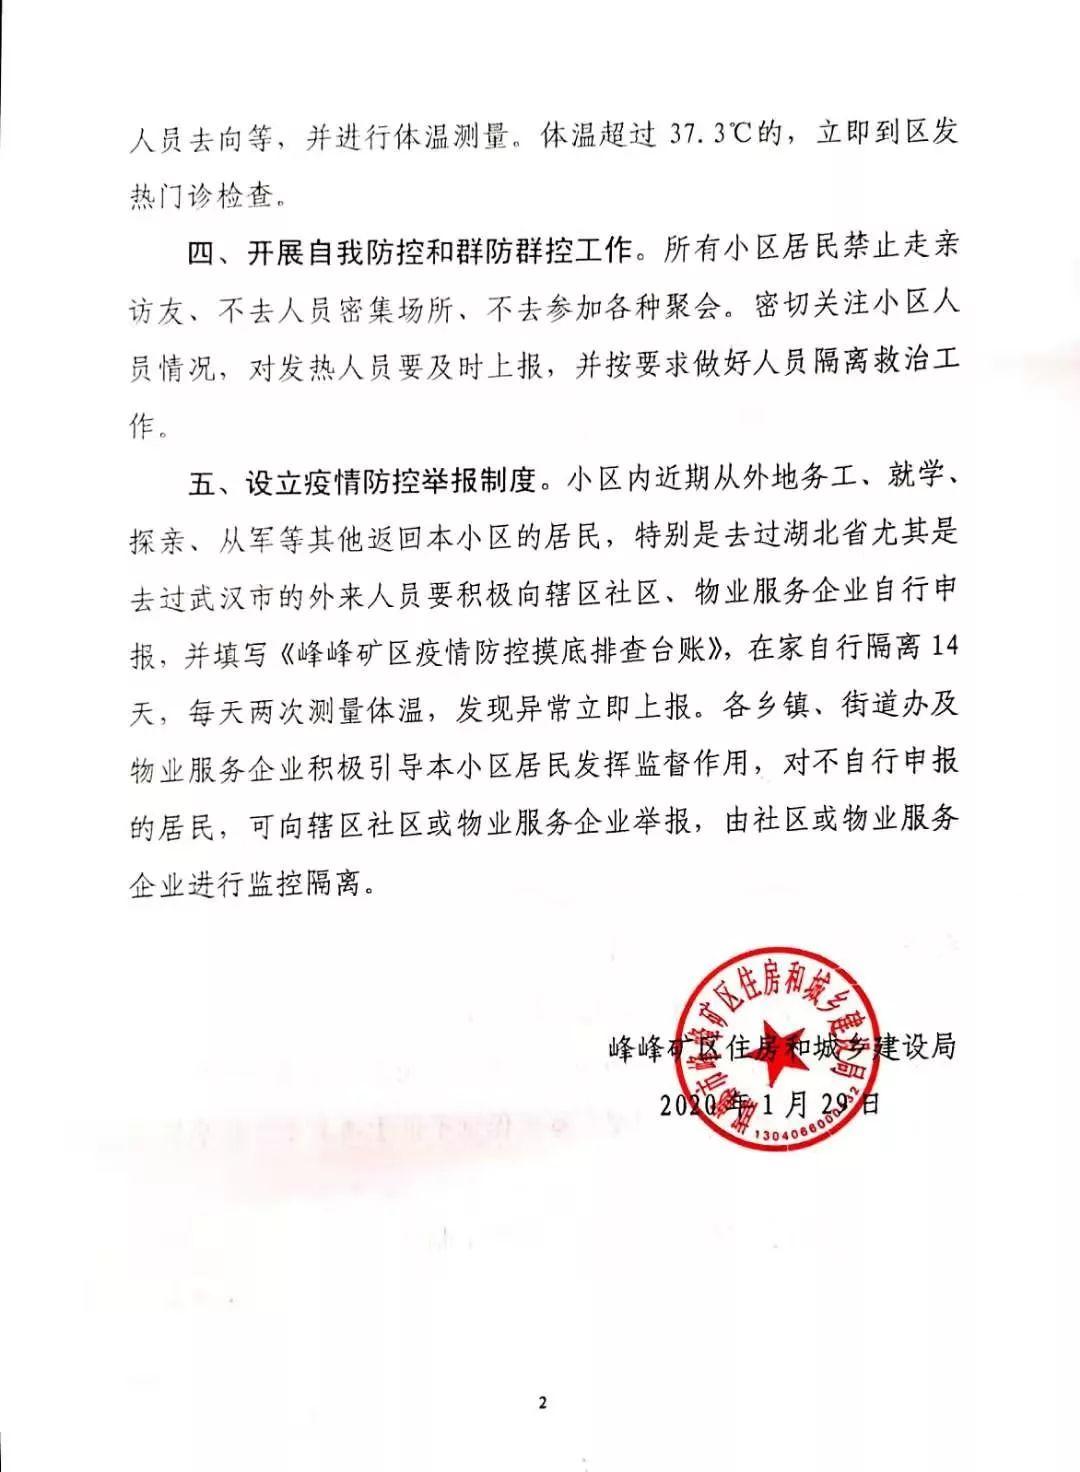 傲世平台峰峰矿区全区居民小区执行封锁解决的通知